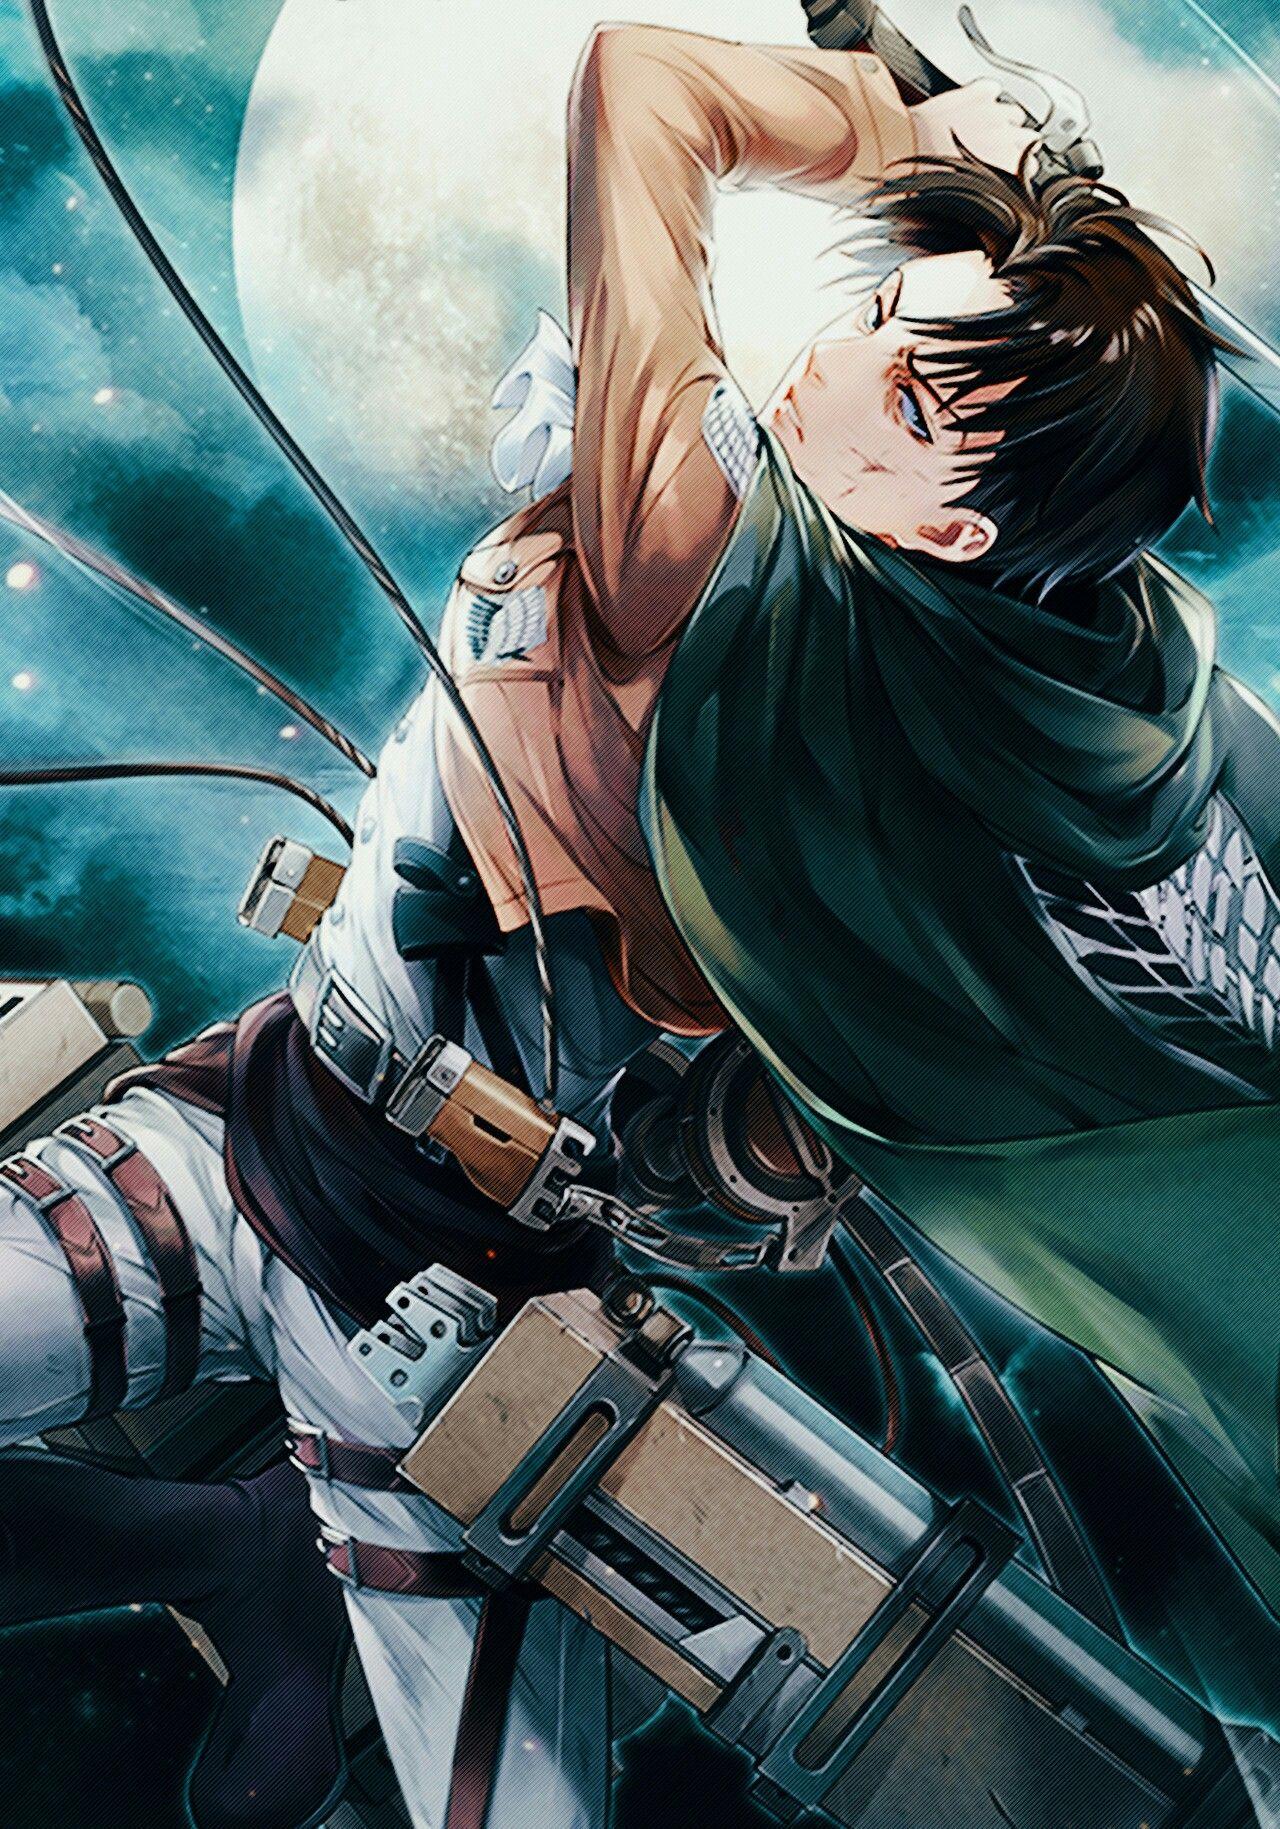 Levi Ackerman Attack On Titan Gambar Karakter Ilustrasi Komik Gambar Manga